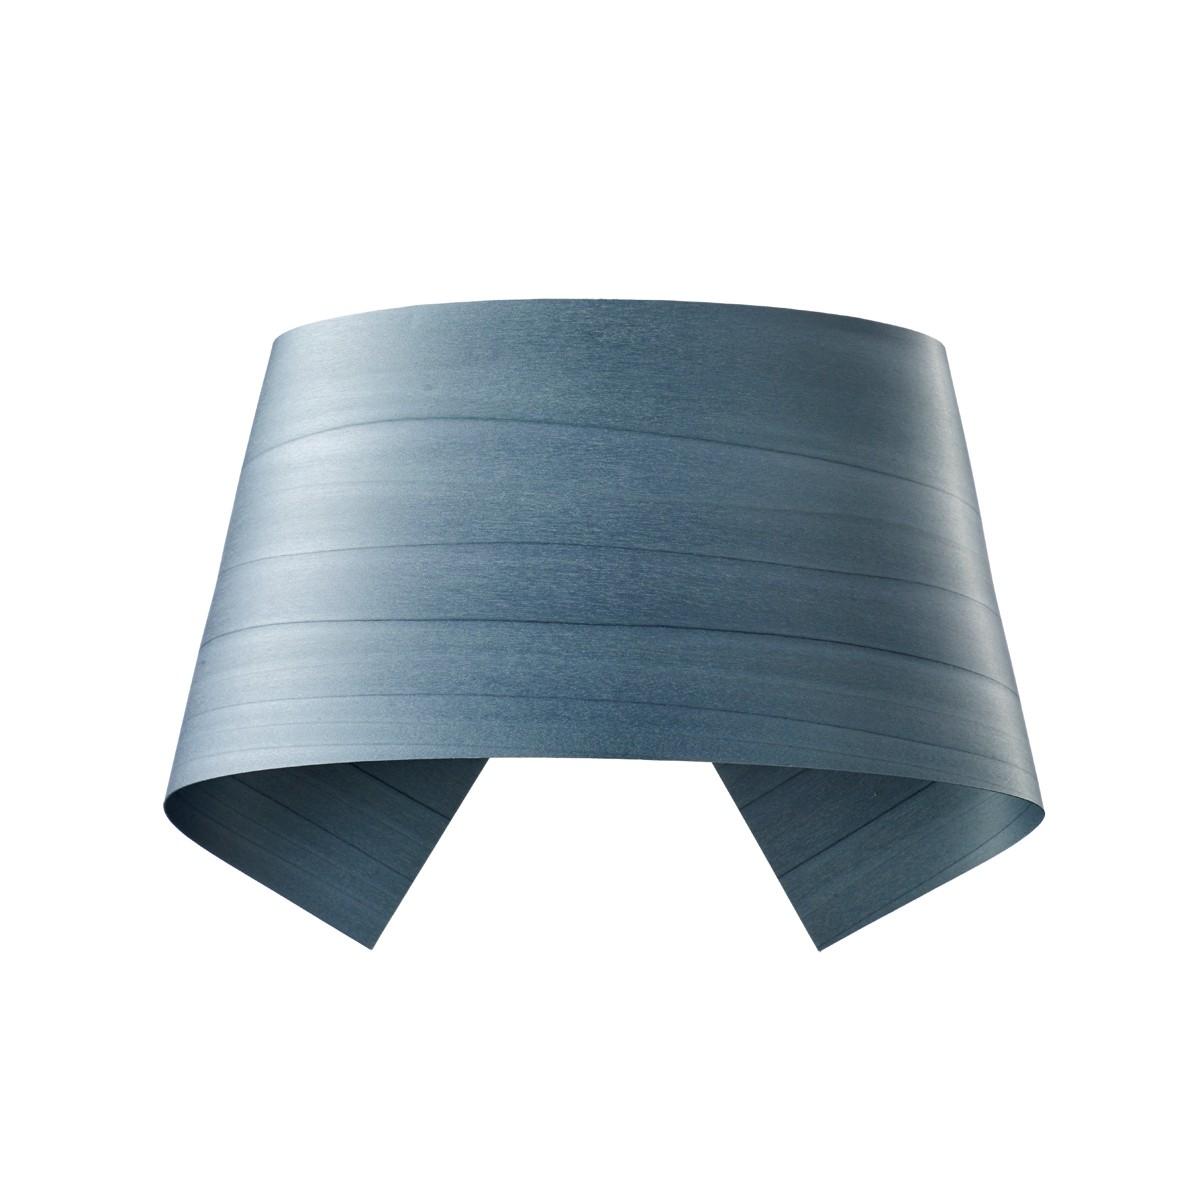 LZF Lamps Hi-Collar LED Wandleuchte, blau